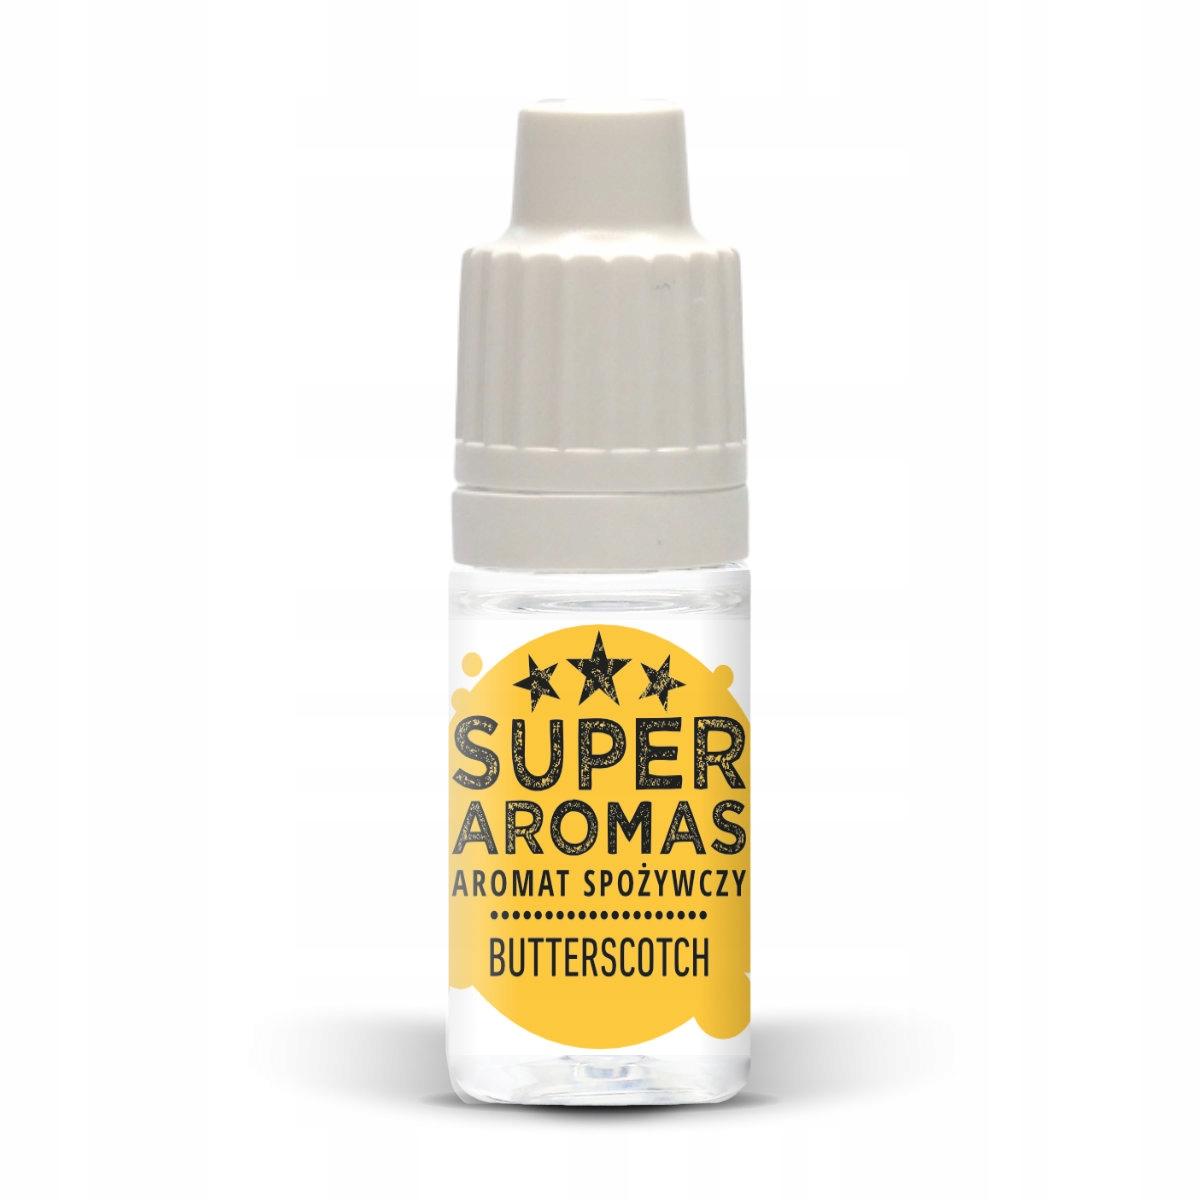 Aromat spożywczy BUTTERSCOTCH 10 ml